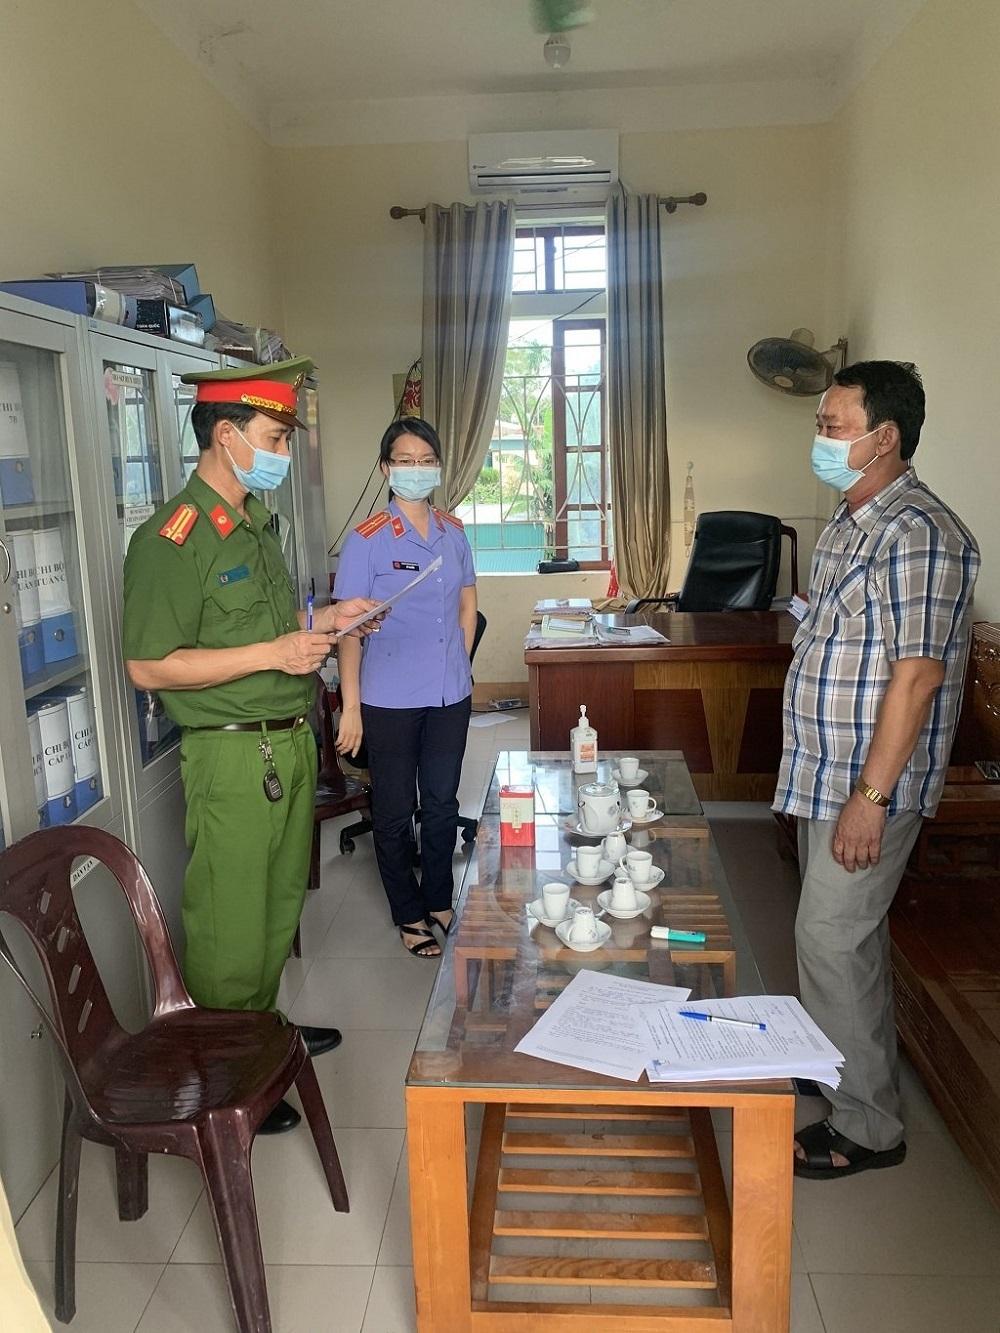 Nghệ An: 5 cán bộ, công chức xã bị khởi tố vì làm giả hồ sơ, giấy tờ